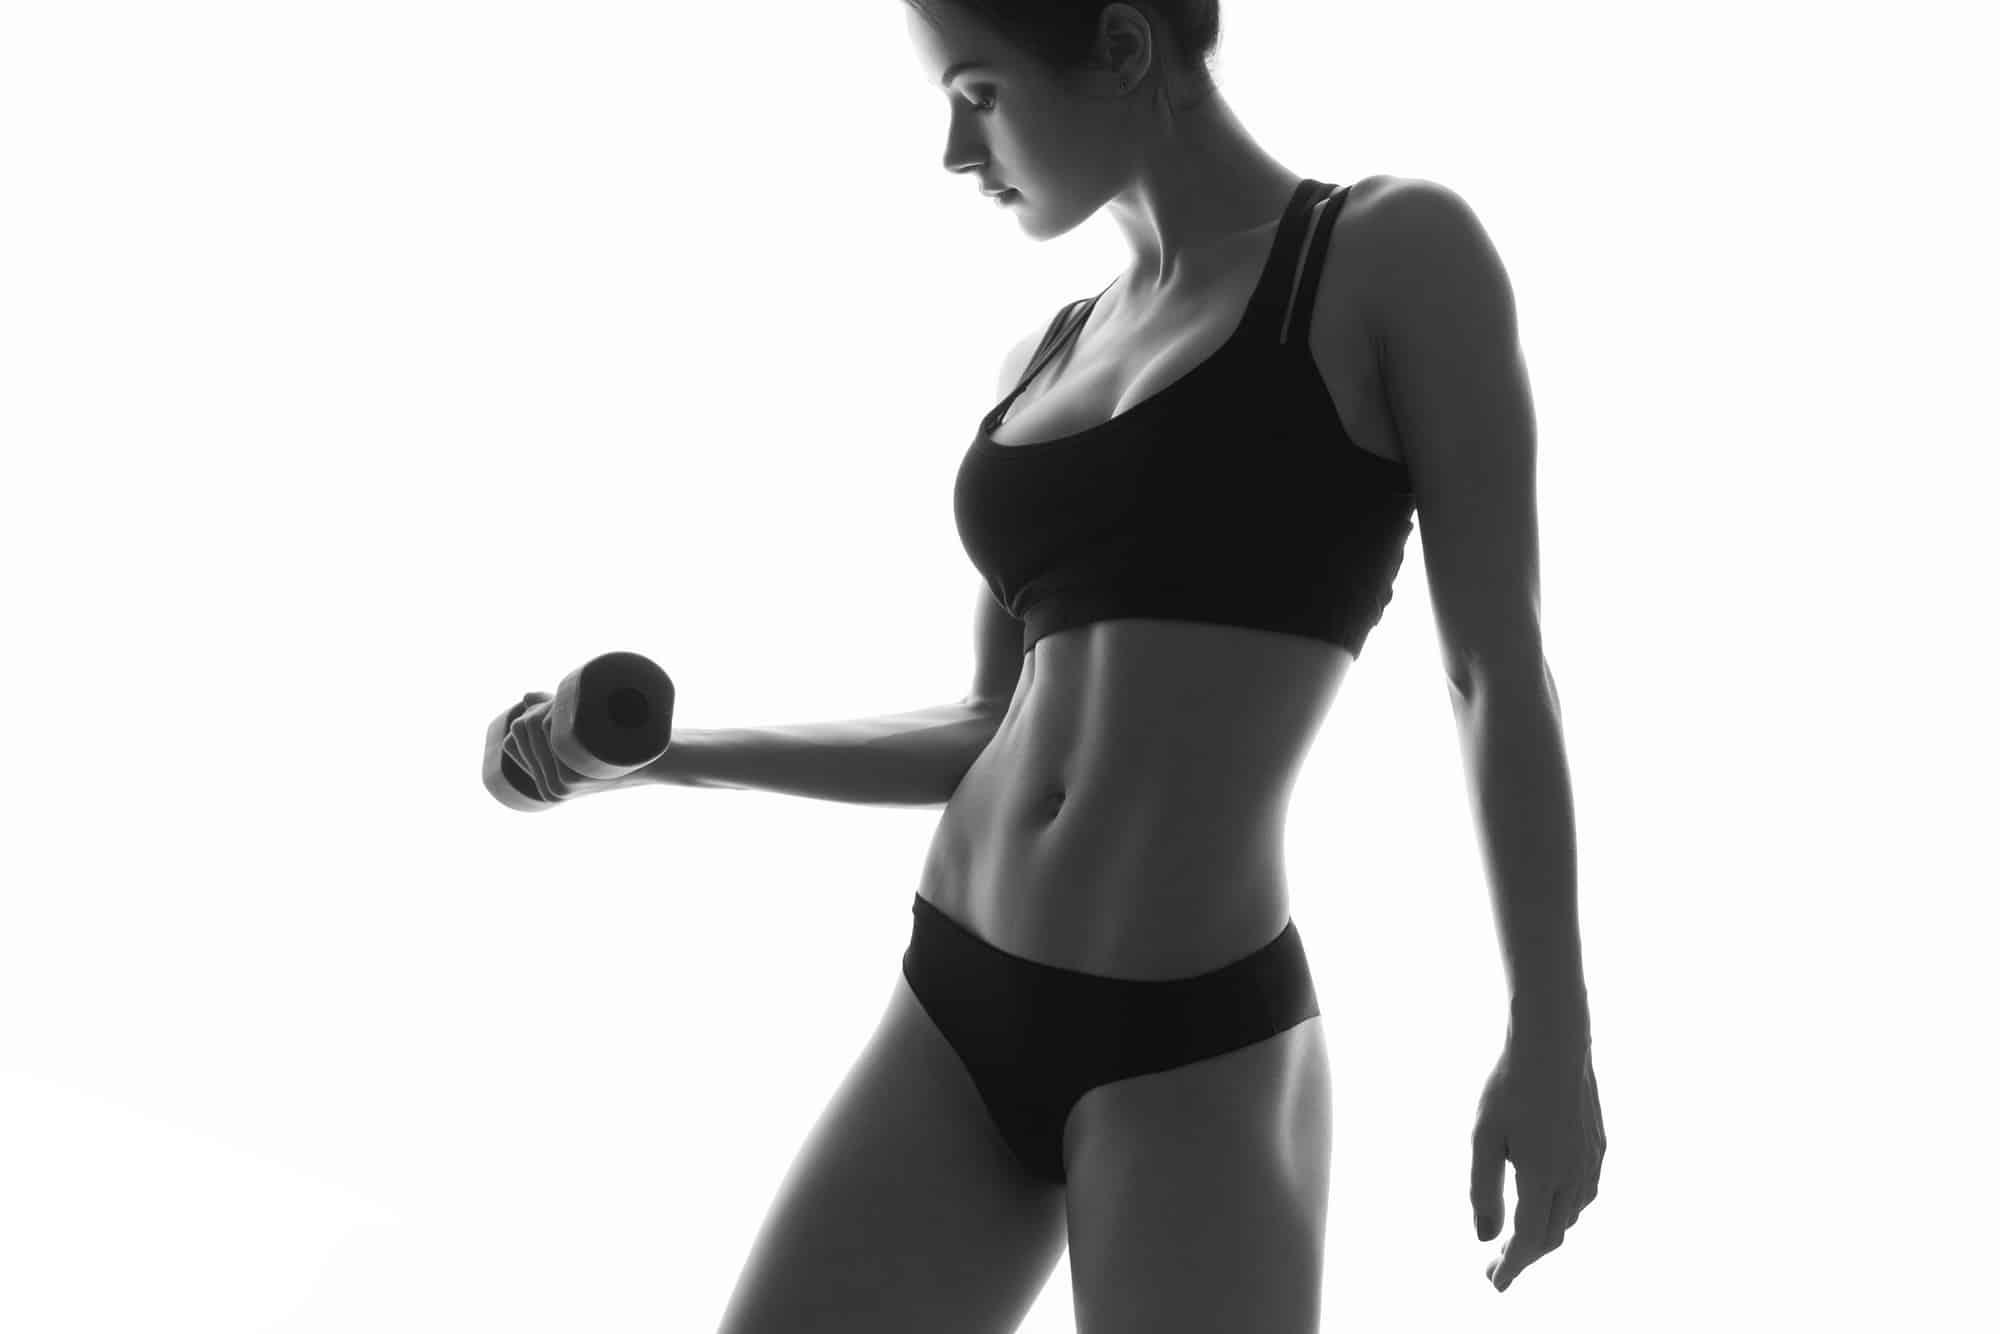 vrouw lichaam spier doel